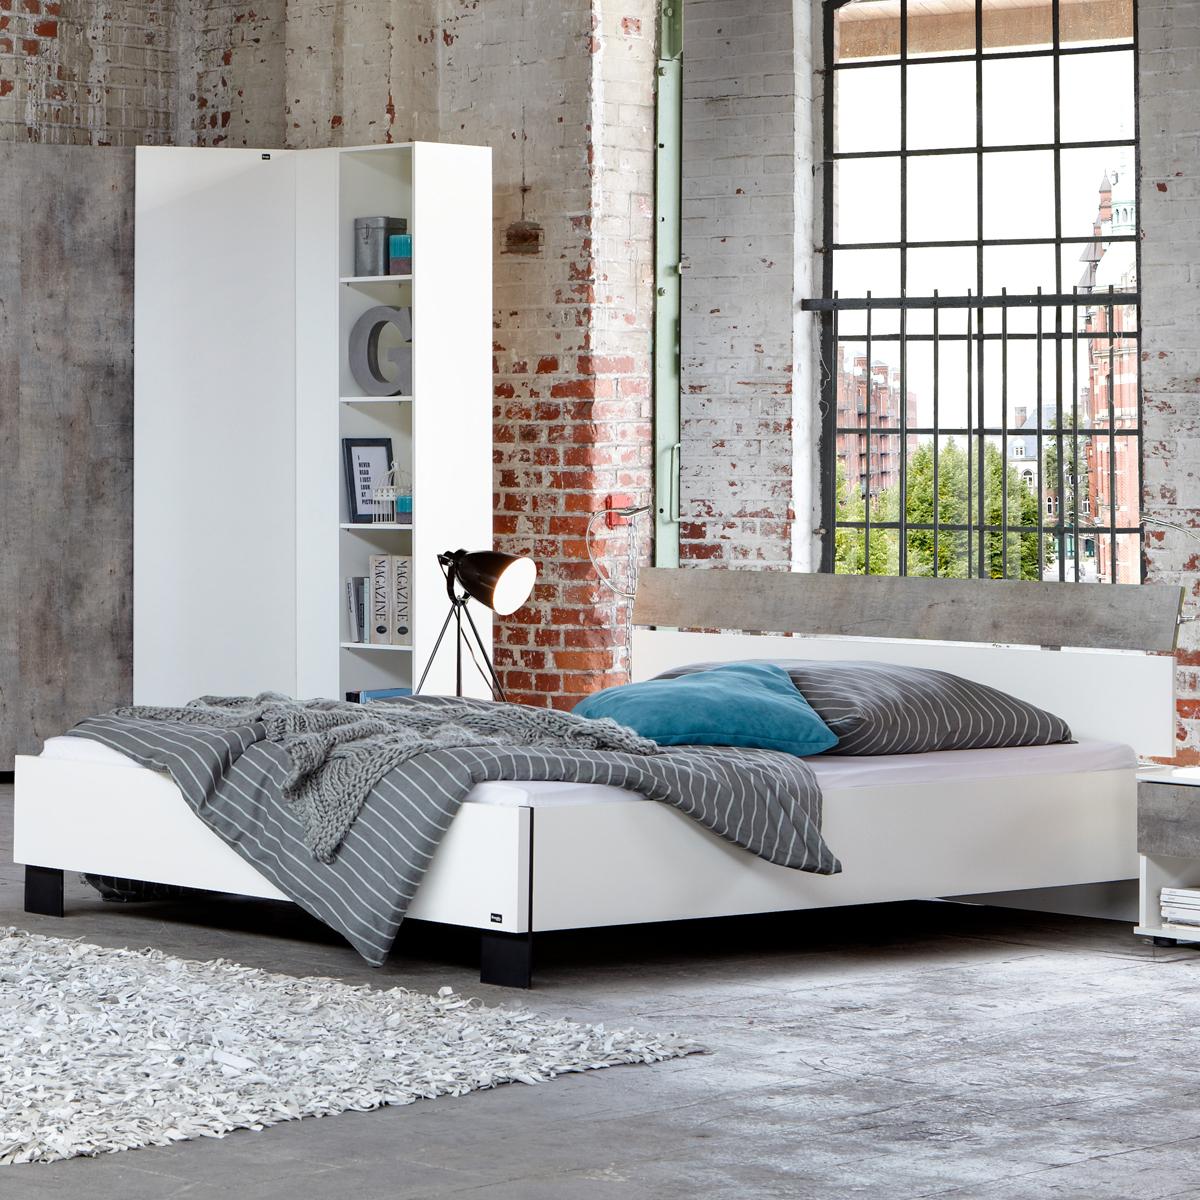 Bett cargo schlafzimmer futonbett alpinwei absetzung for Schlafzimmer bett 140x200